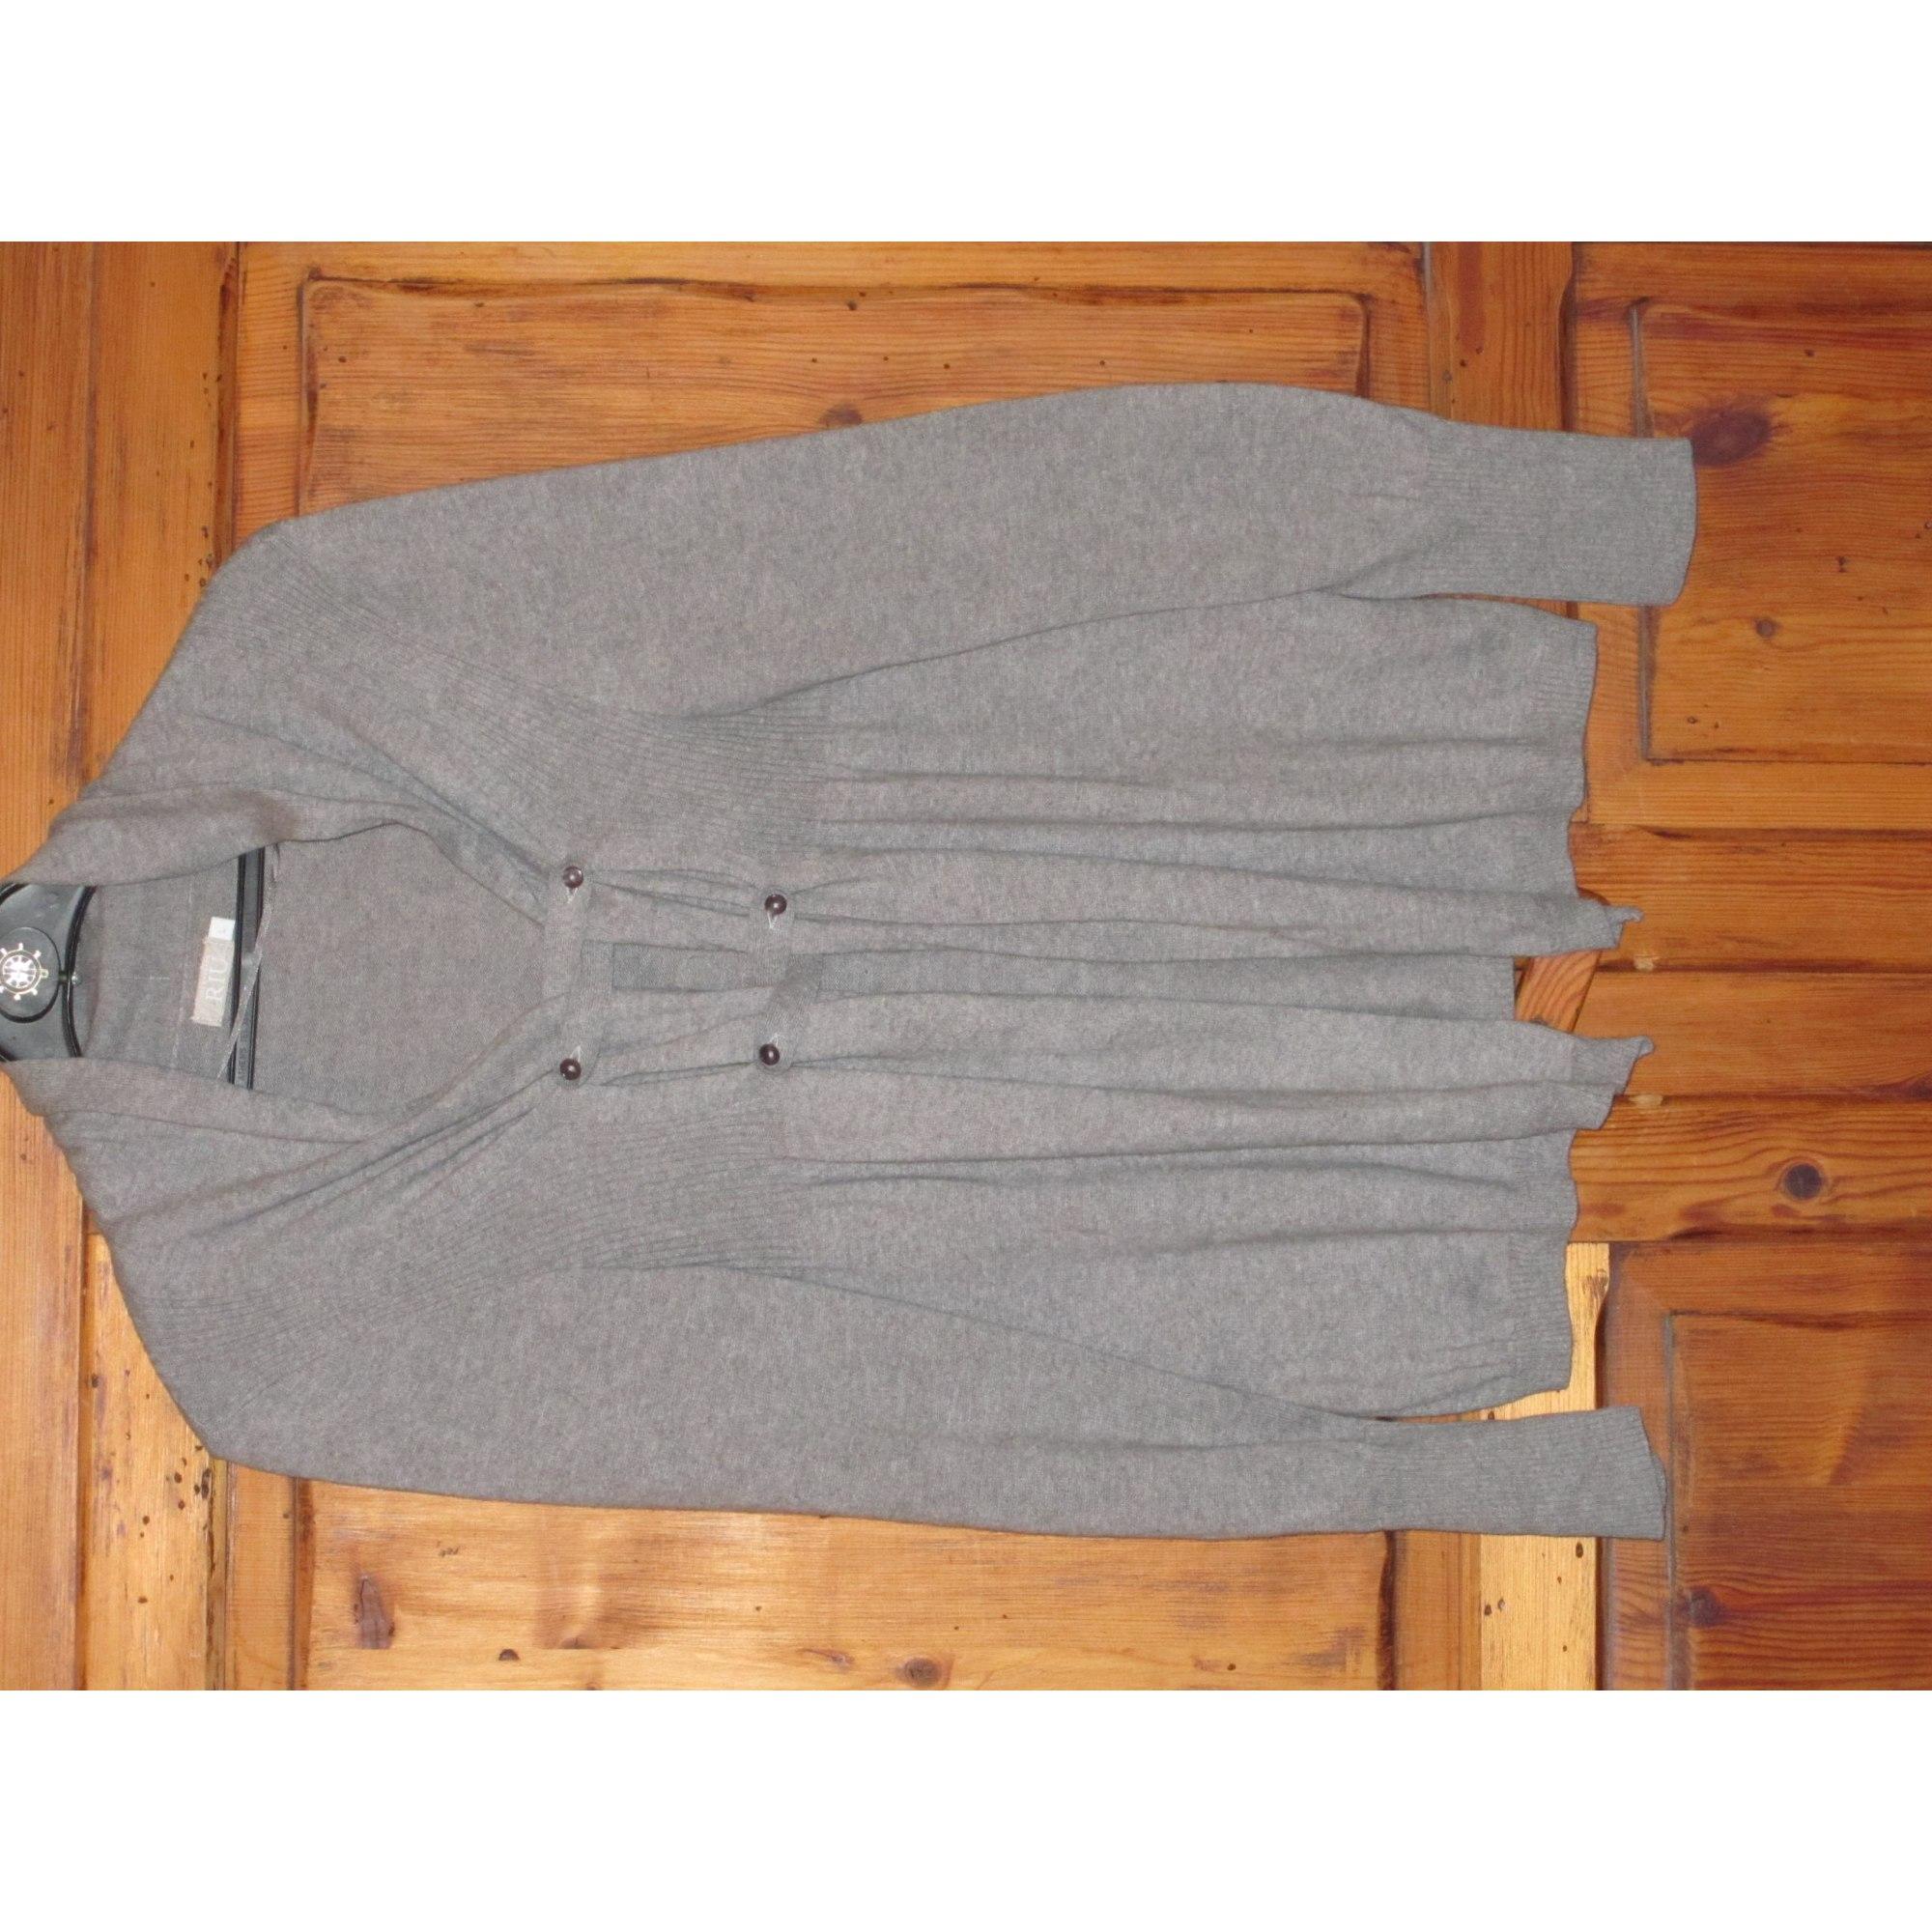 ab239a90b8ac Gilet, cardigan JACQUELINE RIU 40 (L, T3) gris - 3373968